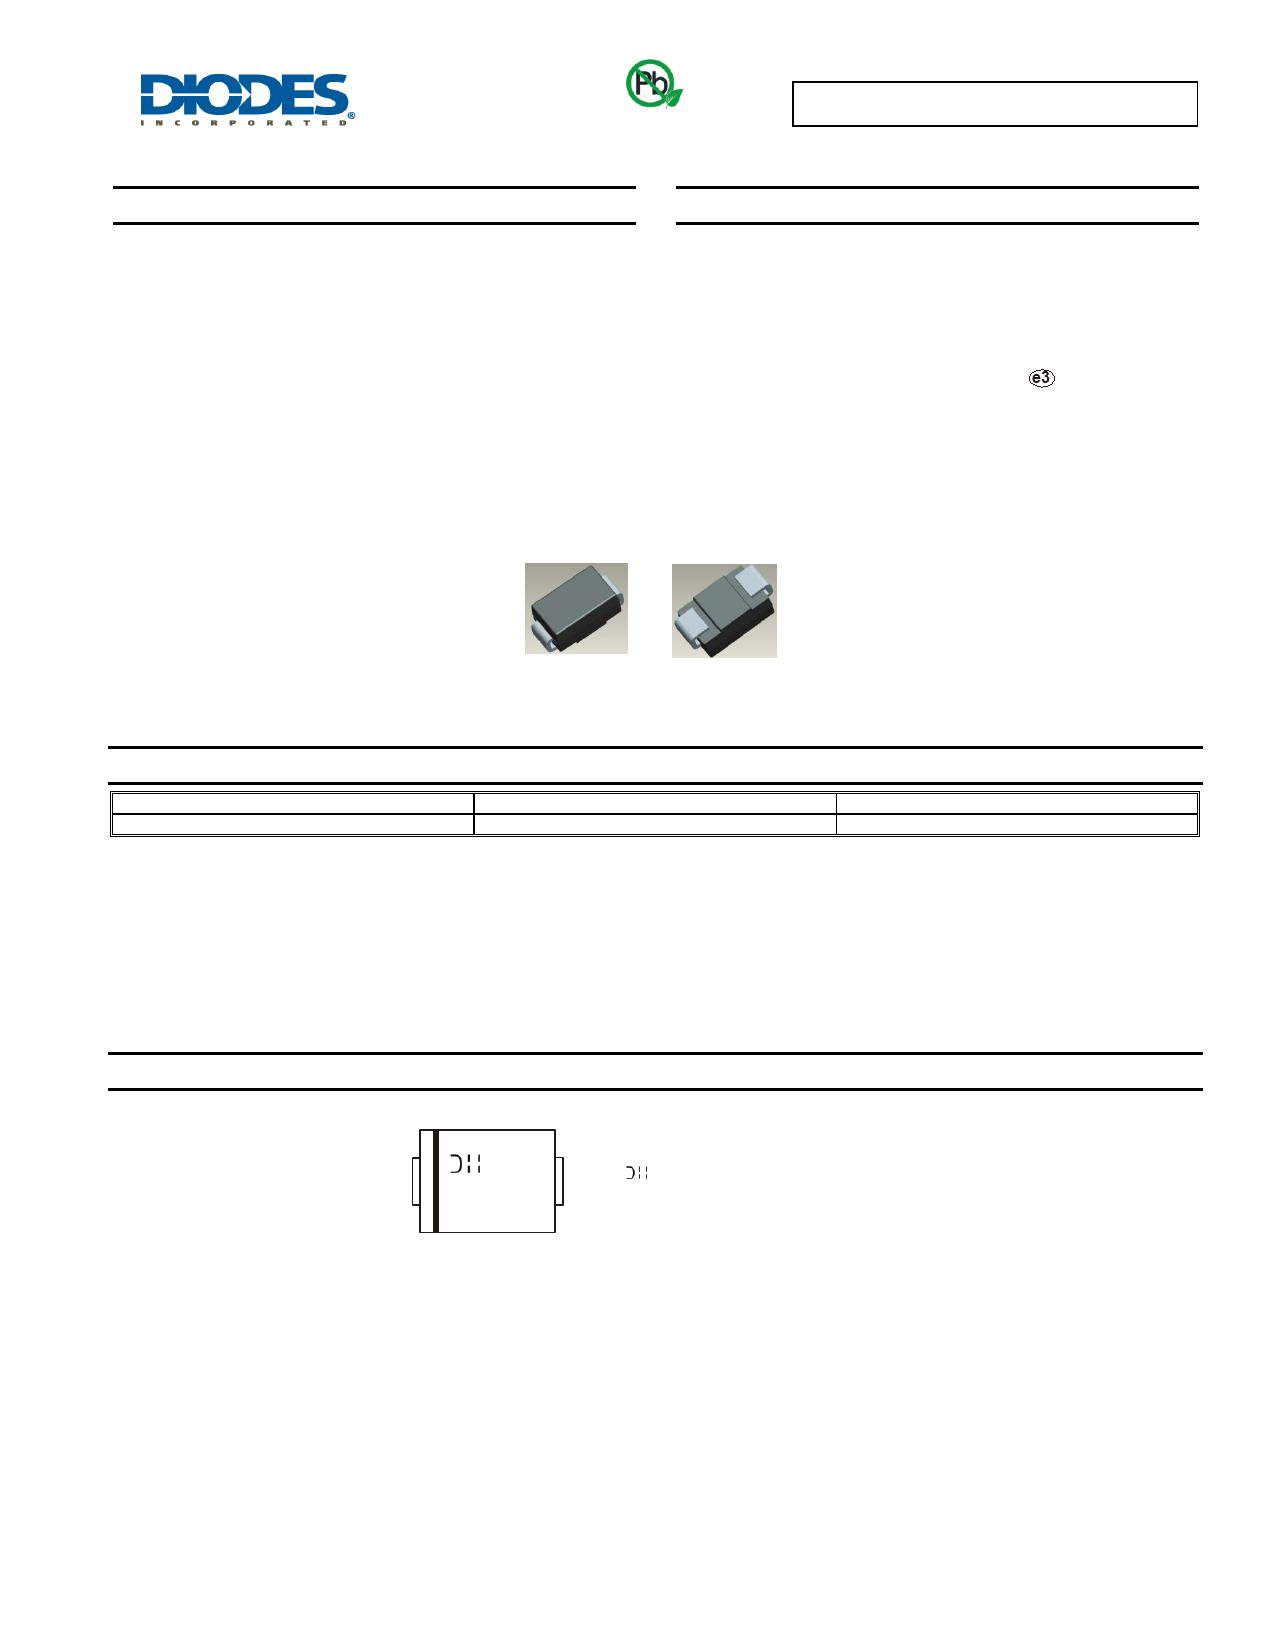 SMAJ75CA datasheet